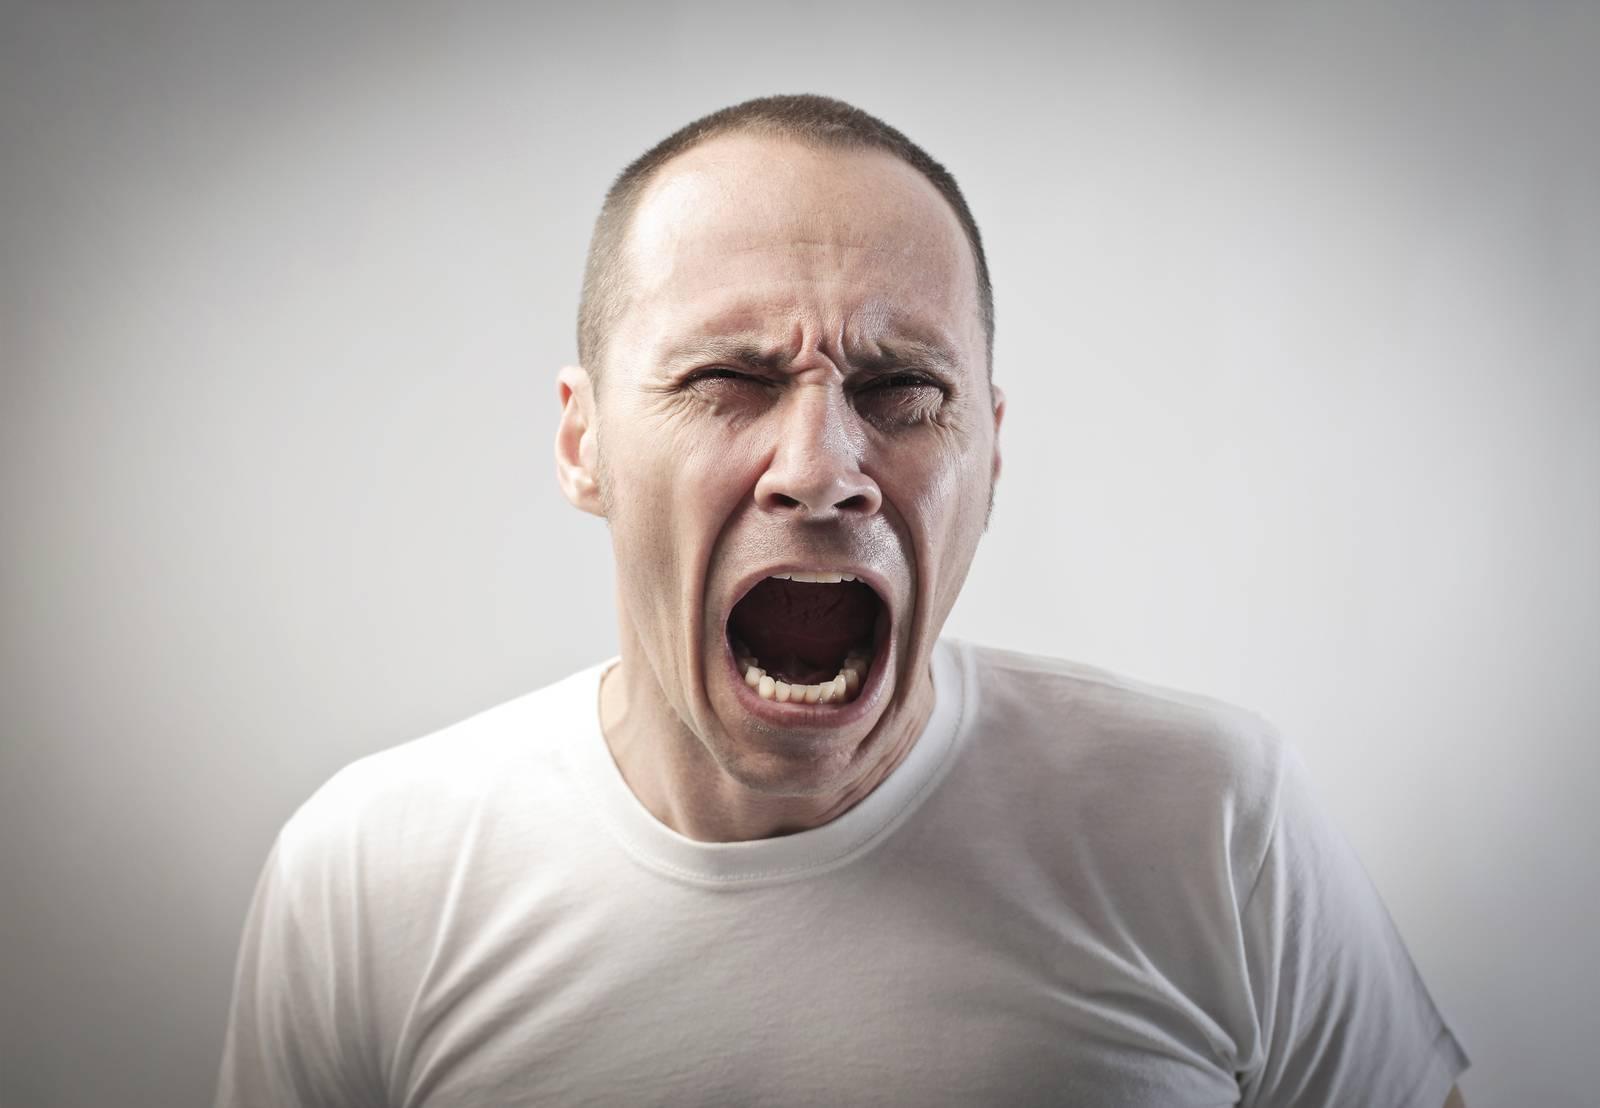 دانستنی هایی راجب اختلال خشم